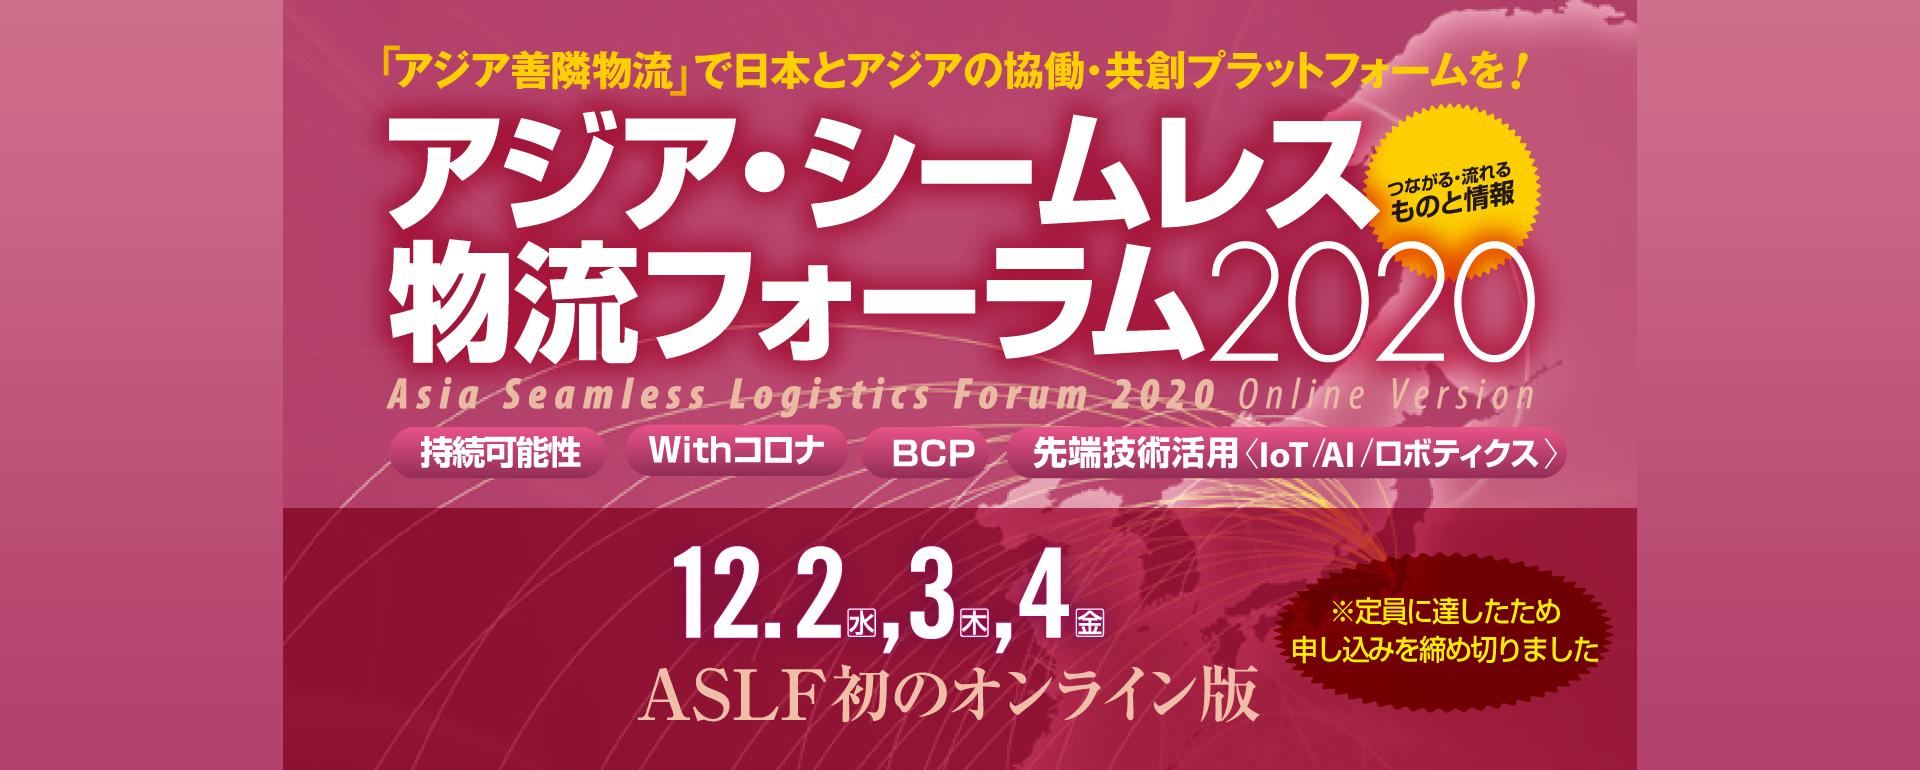 【オンライン版】アジア・シームレス物流フォーラム2020